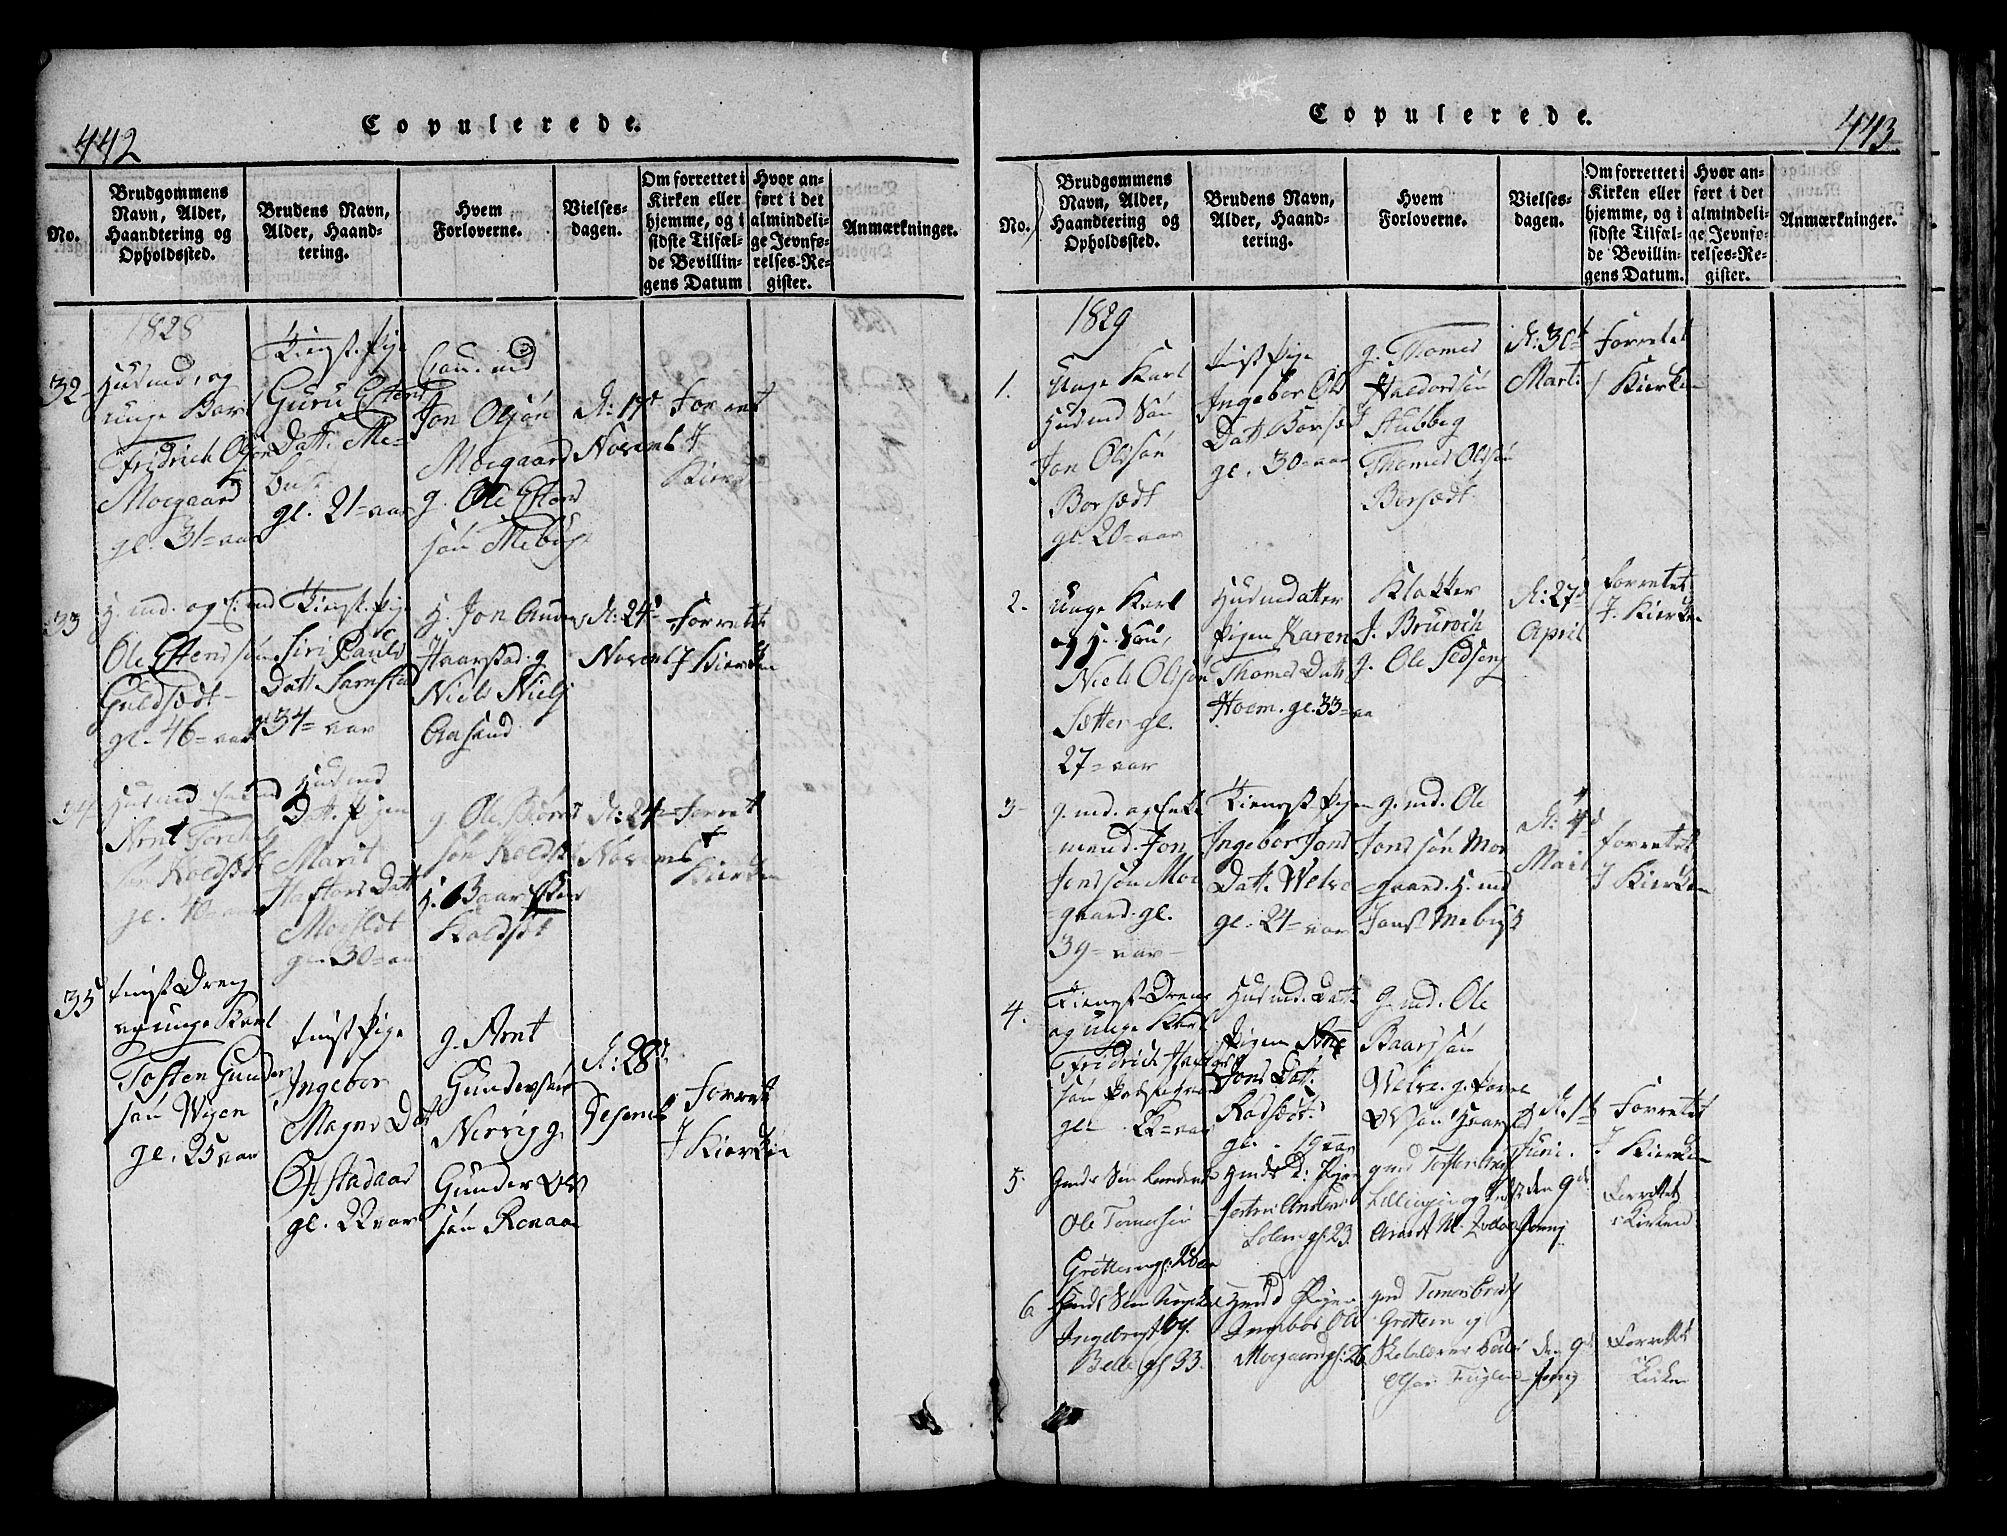 SAT, Ministerialprotokoller, klokkerbøker og fødselsregistre - Sør-Trøndelag, 695/L1152: Klokkerbok nr. 695C03, 1816-1831, s. 442-443